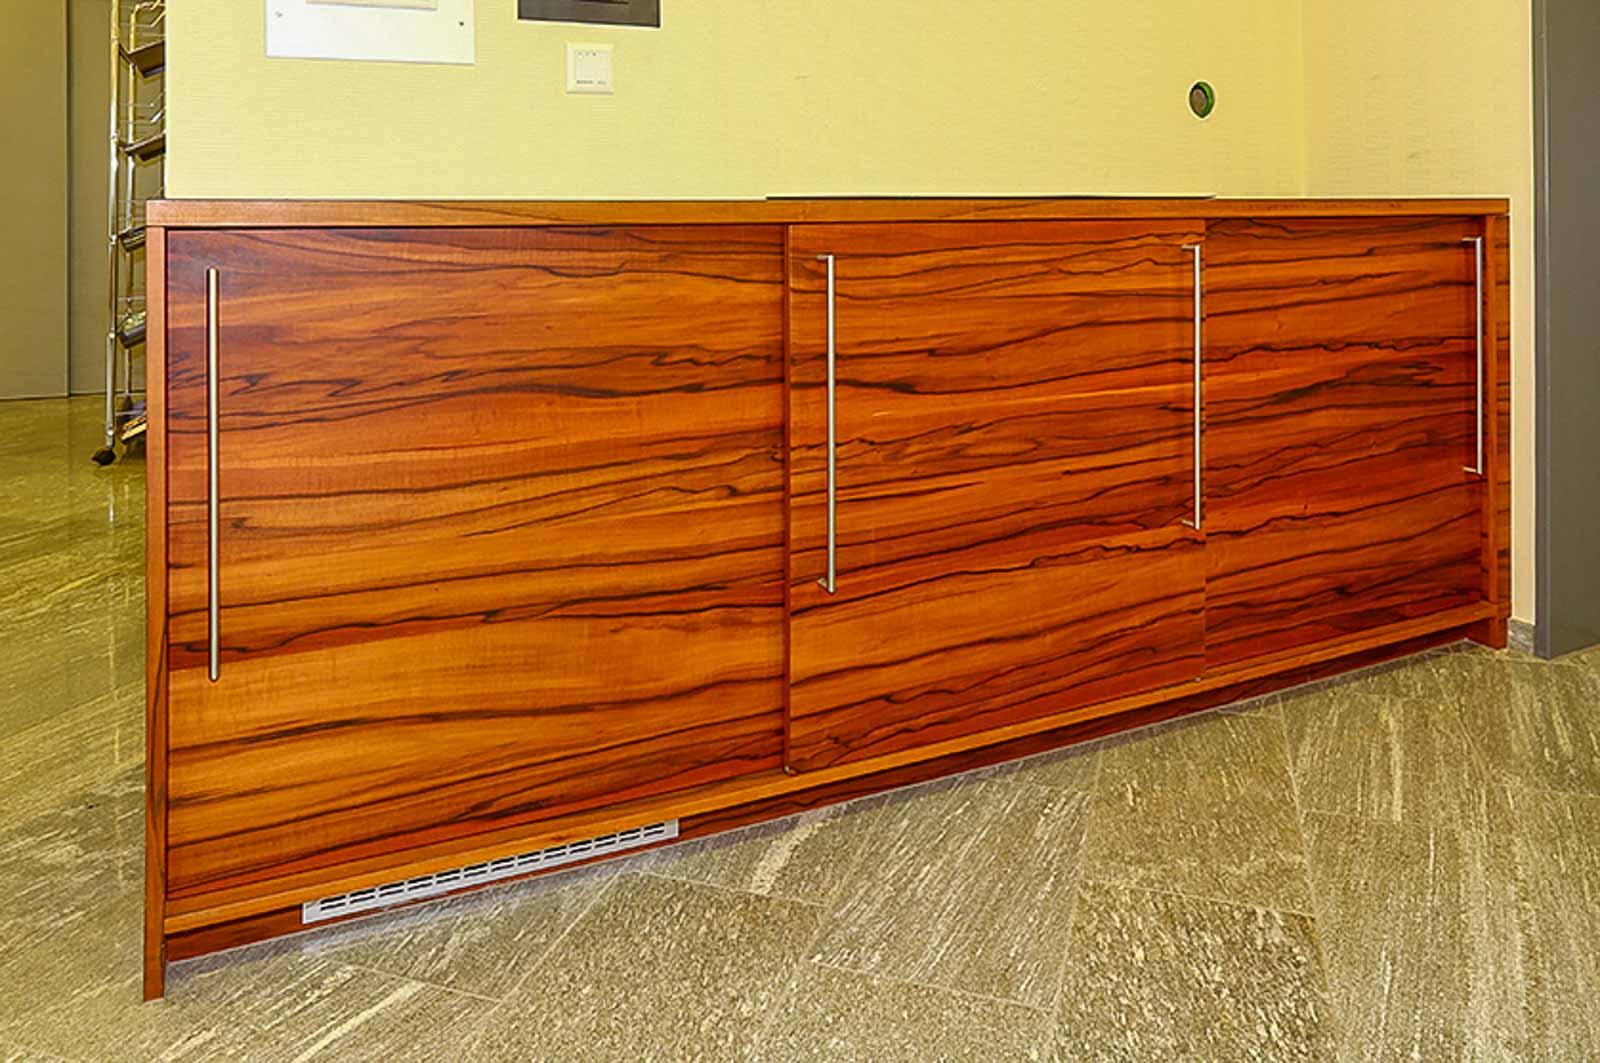 Wooddesign_Büro_Homeoffice_Schreibtisch_höhenverstellbar_Regal_Schubladen_Wandschrank_Sideboard_Besprechungstisch_Empfangstheke (8)